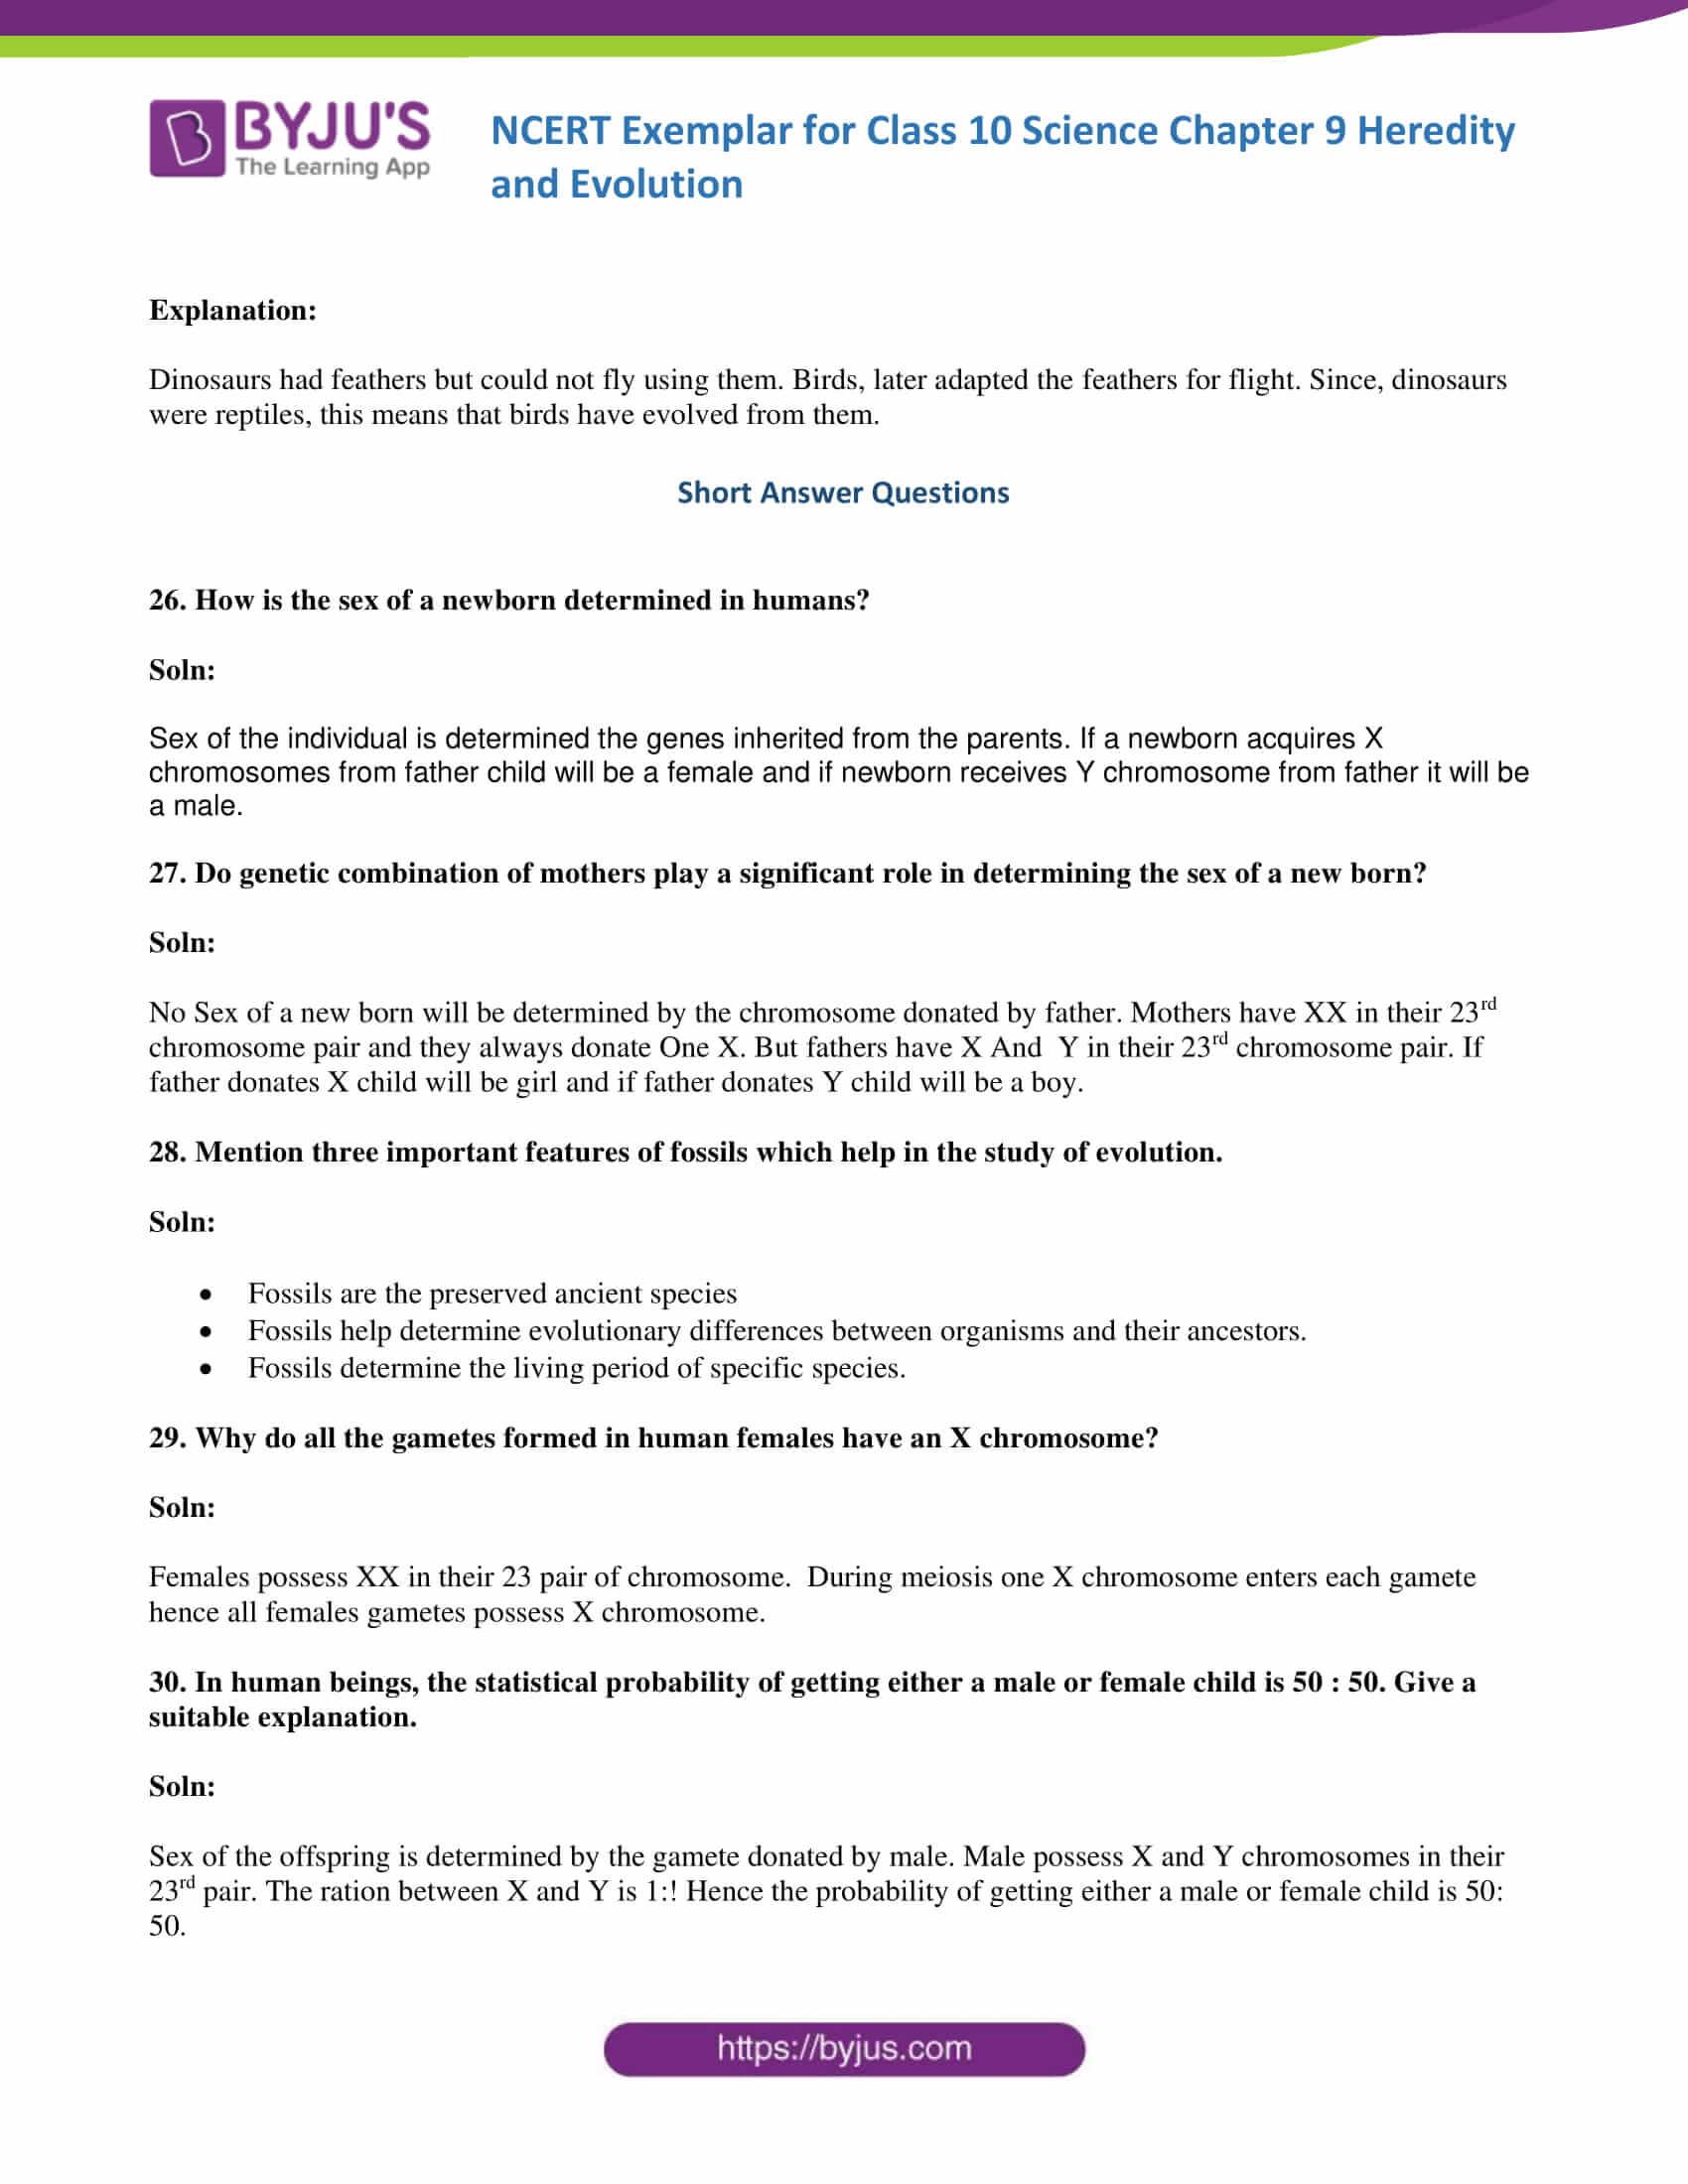 NCERT Exemplar solution class 10 science Chapter 9 part 10